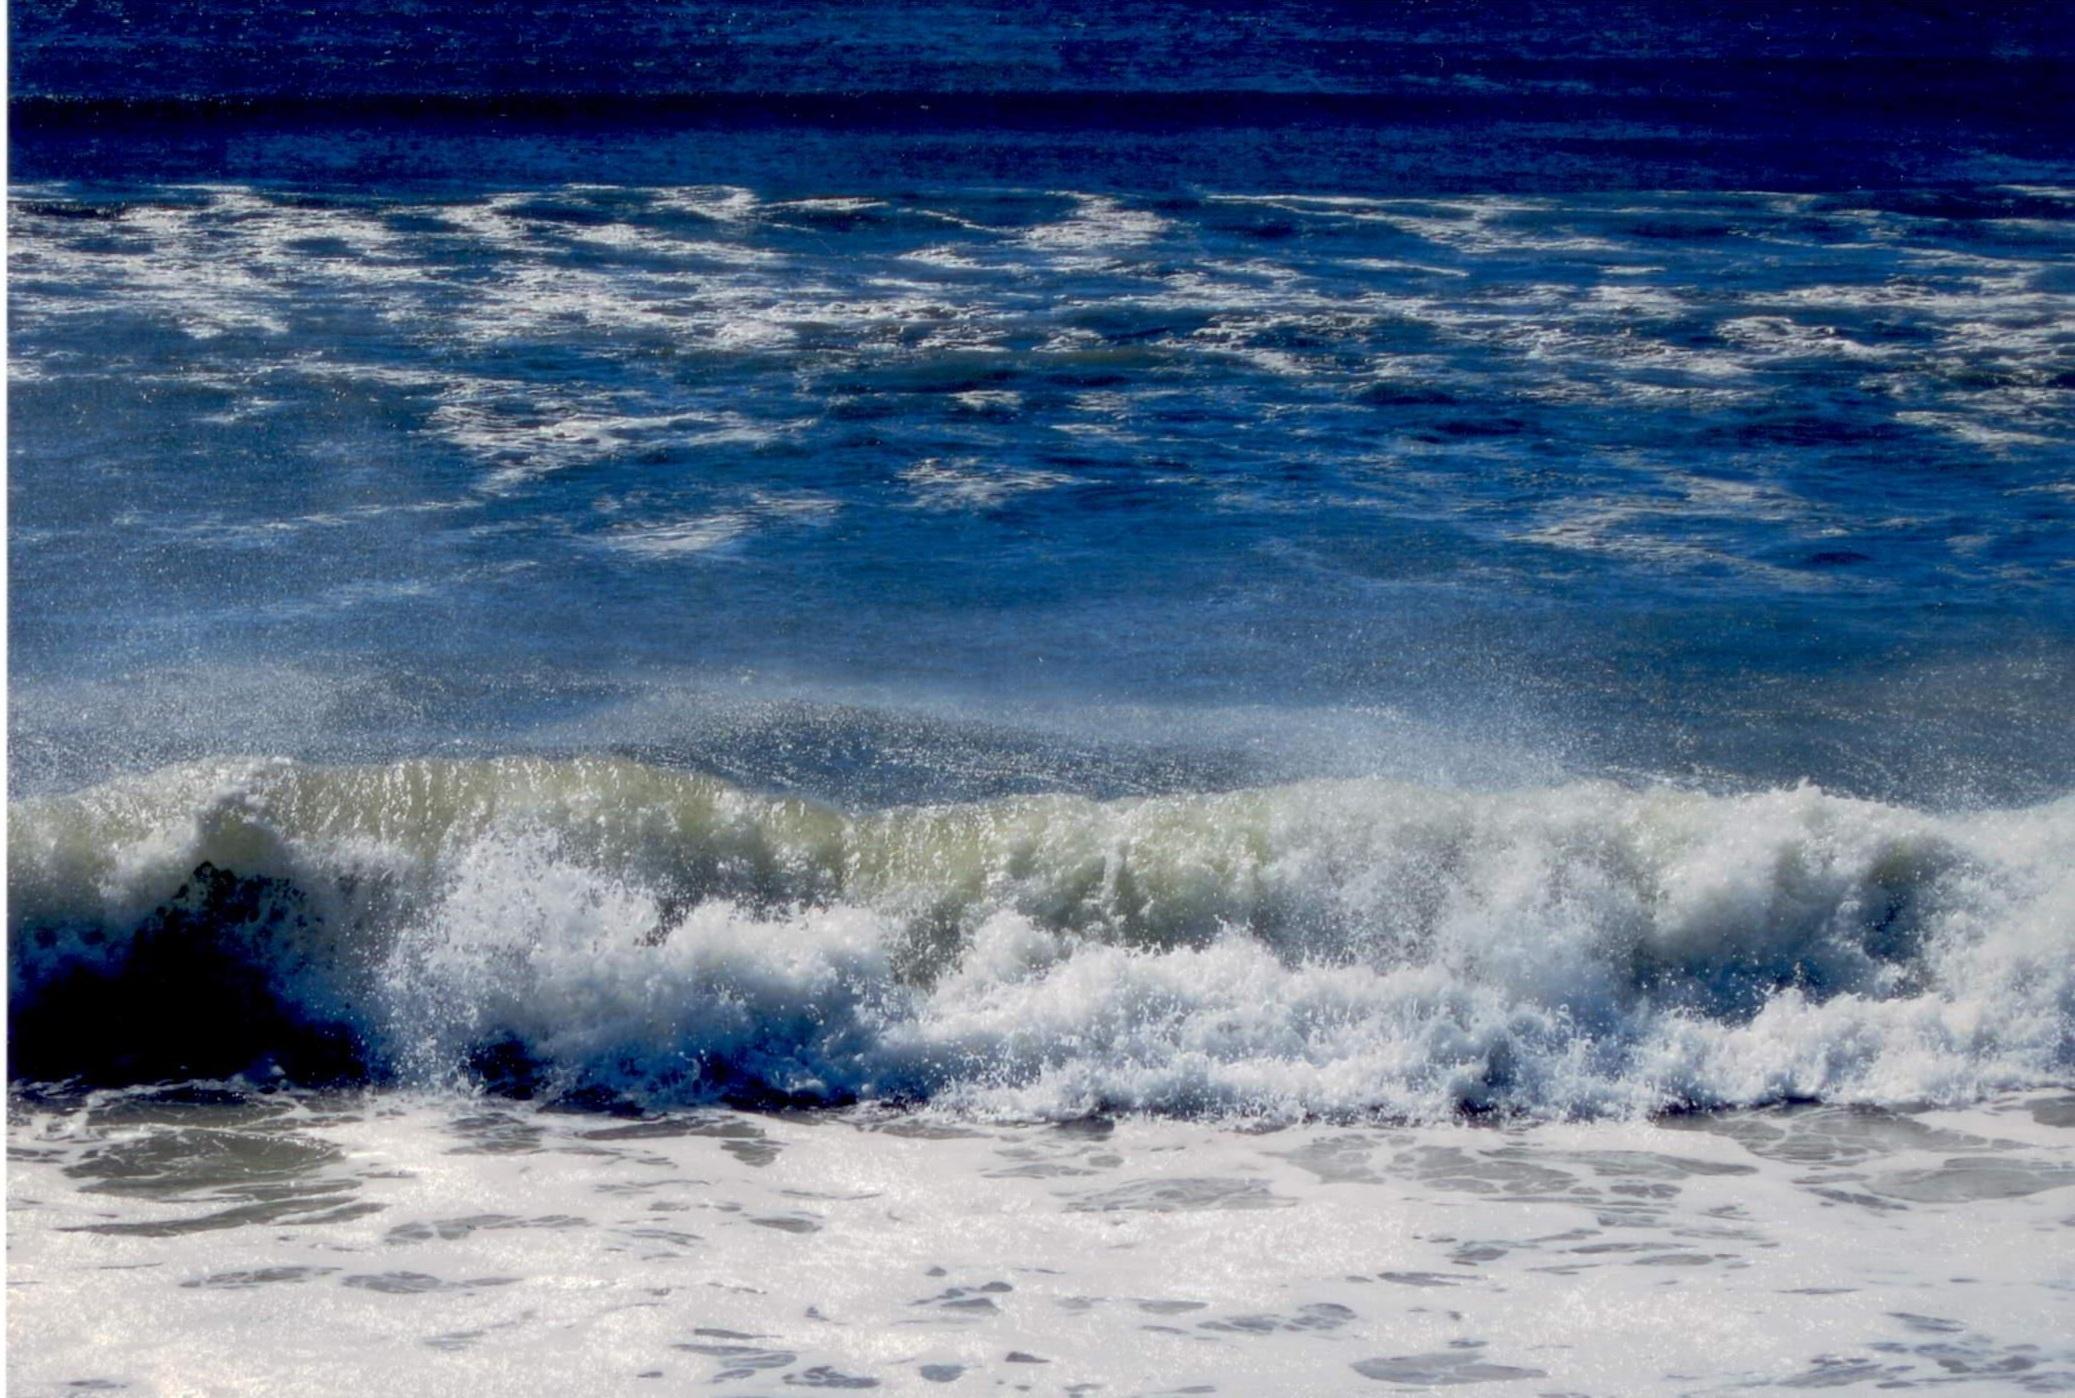 Il mare è sempre piú pulito, ancora ci vuole un pò di tempo per finire la purificazione.